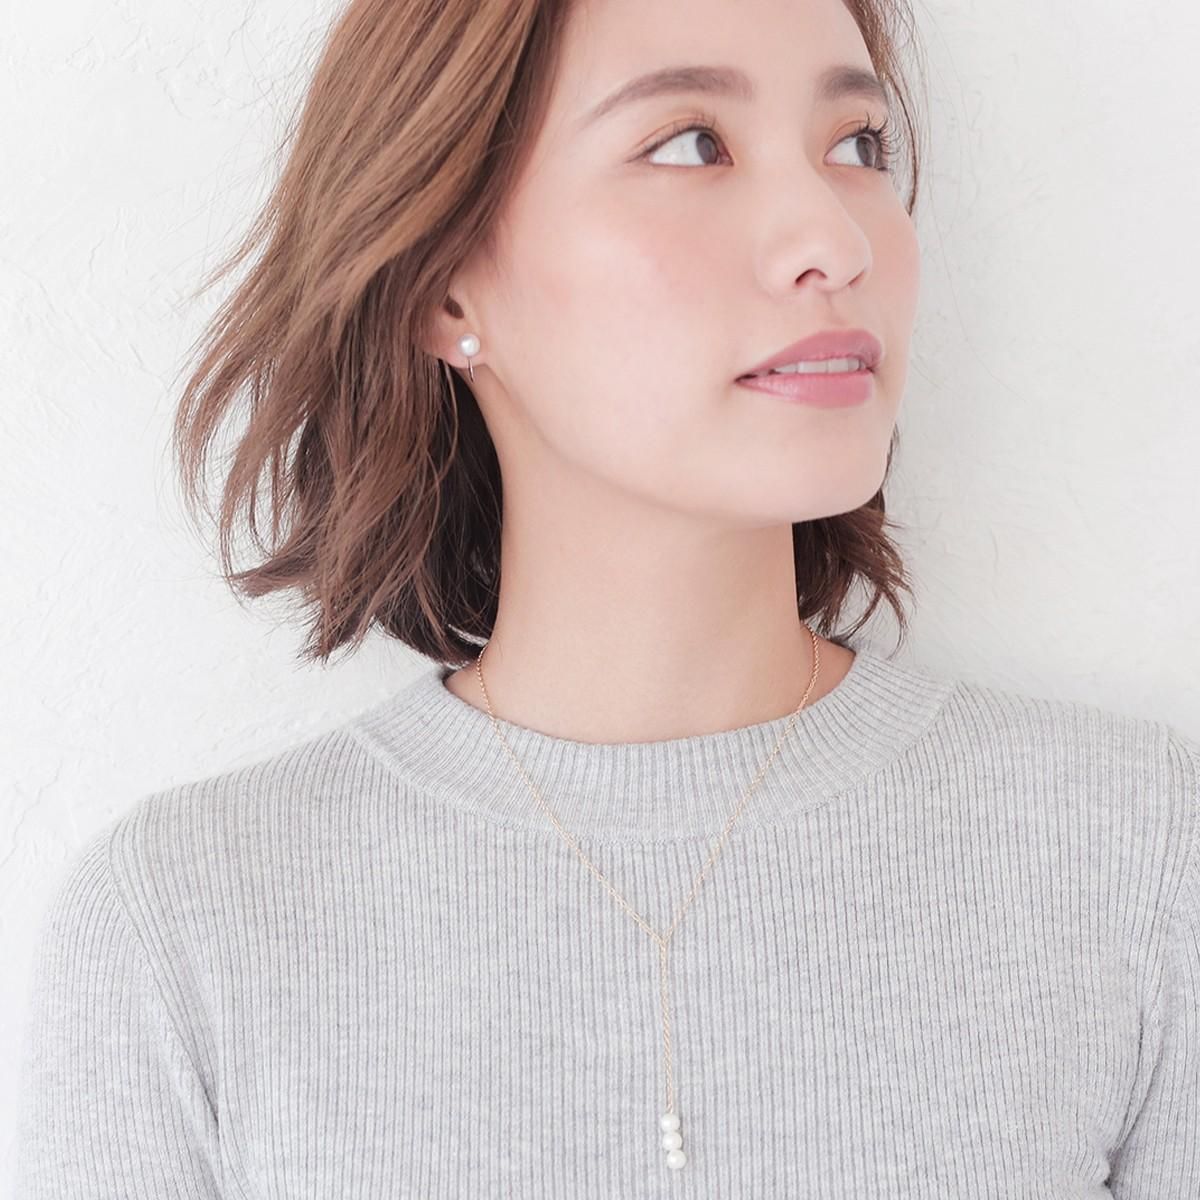 レディース アコヤ 花珠 真珠 パール イヤリング 約6.5mm シルバー SV 真珠 パール ギフト プレゼントの写真